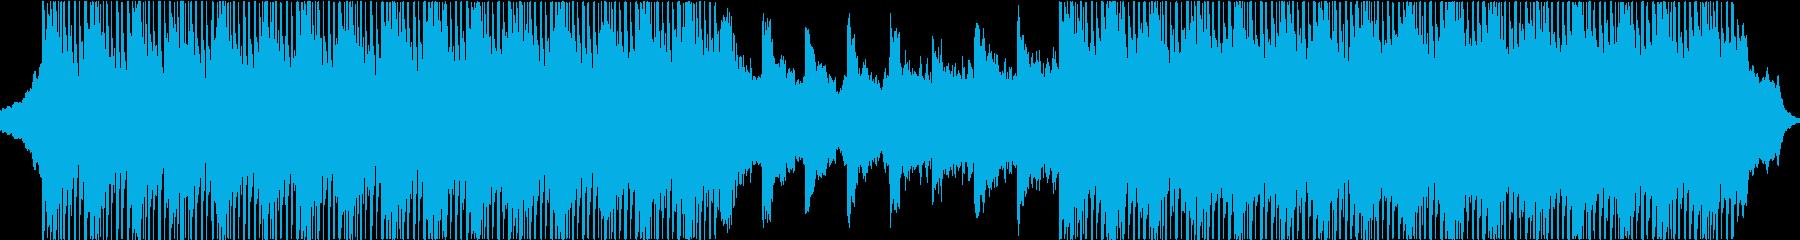 インスピレーションあふれるハイテクミューの再生済みの波形